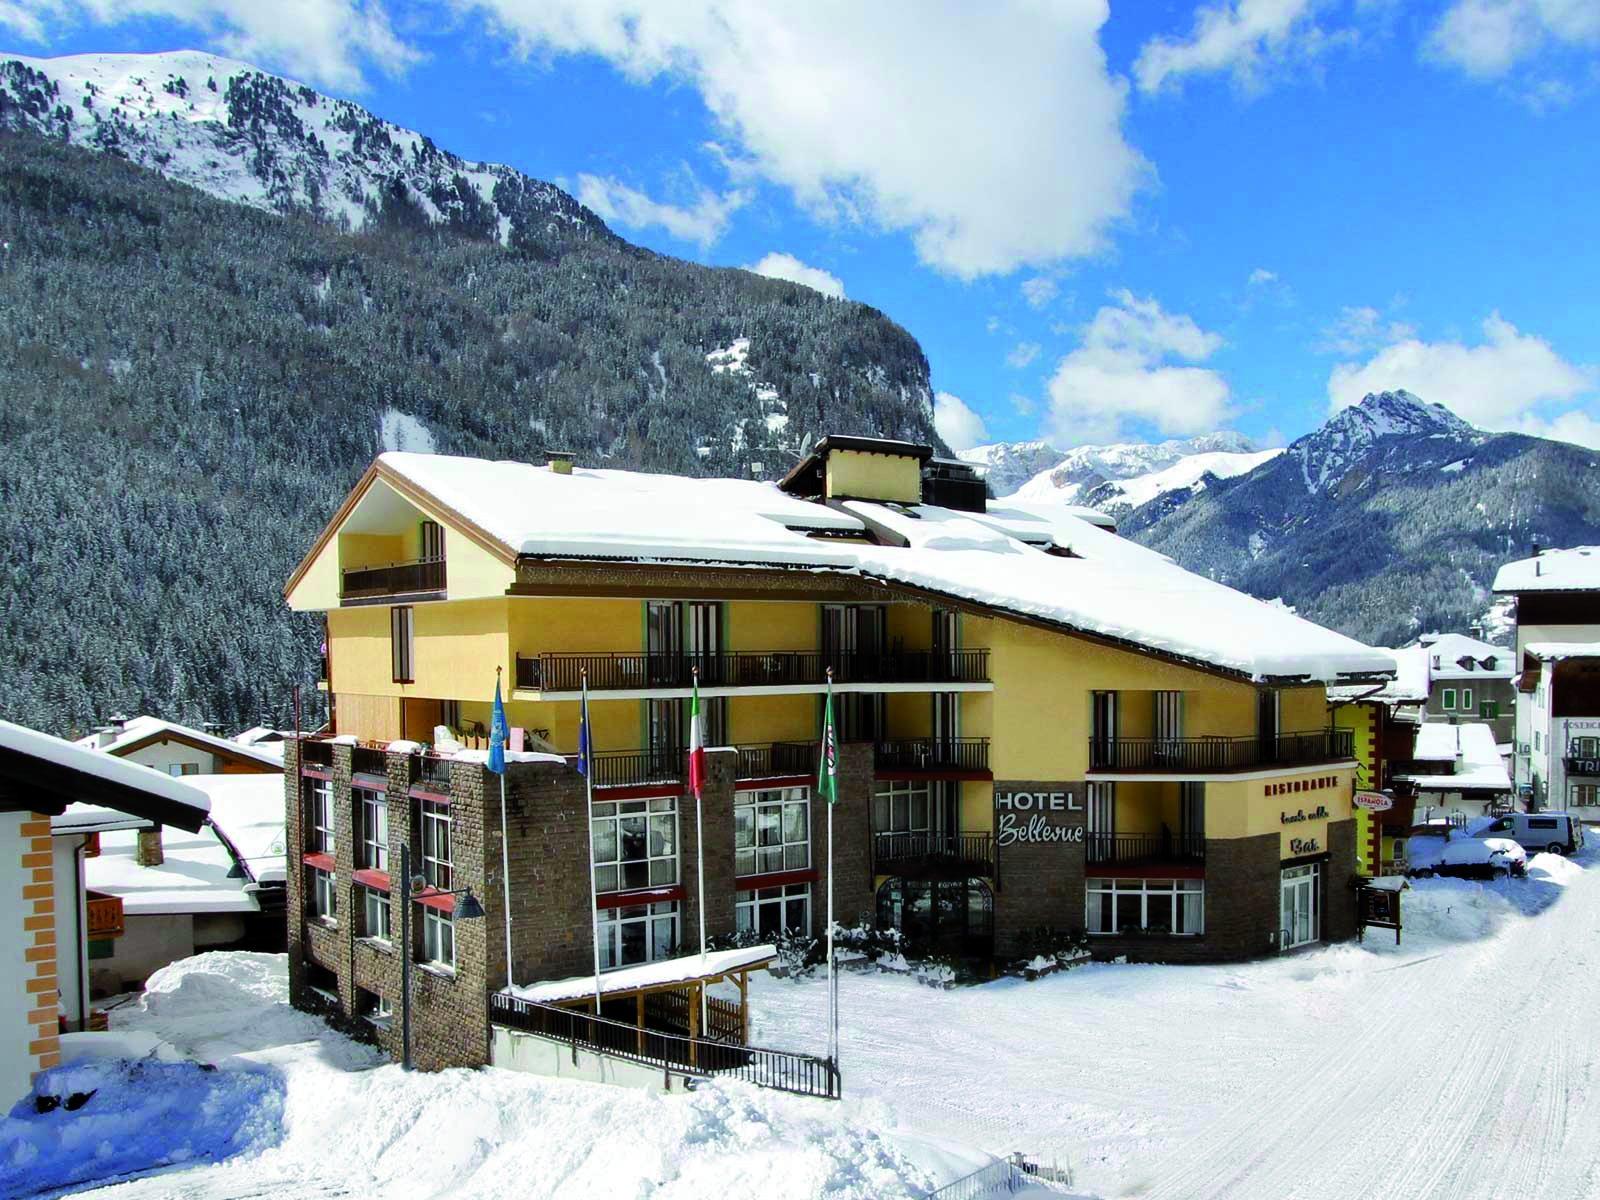 trentino-park-hotel-club-bellevue